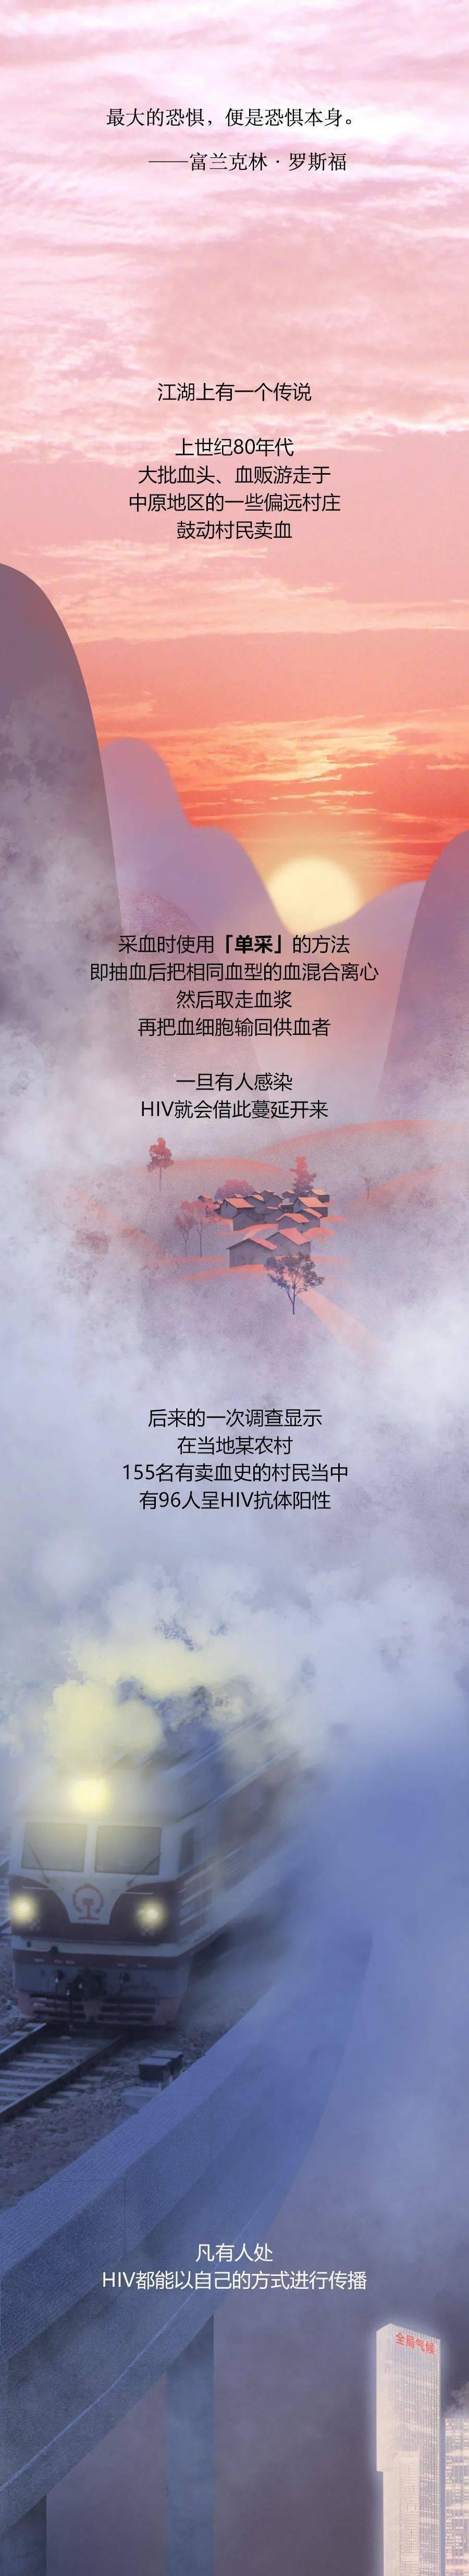 """""""局部气候调查组""""科普文:艾滋病交响诗 涨姿势 第18张"""